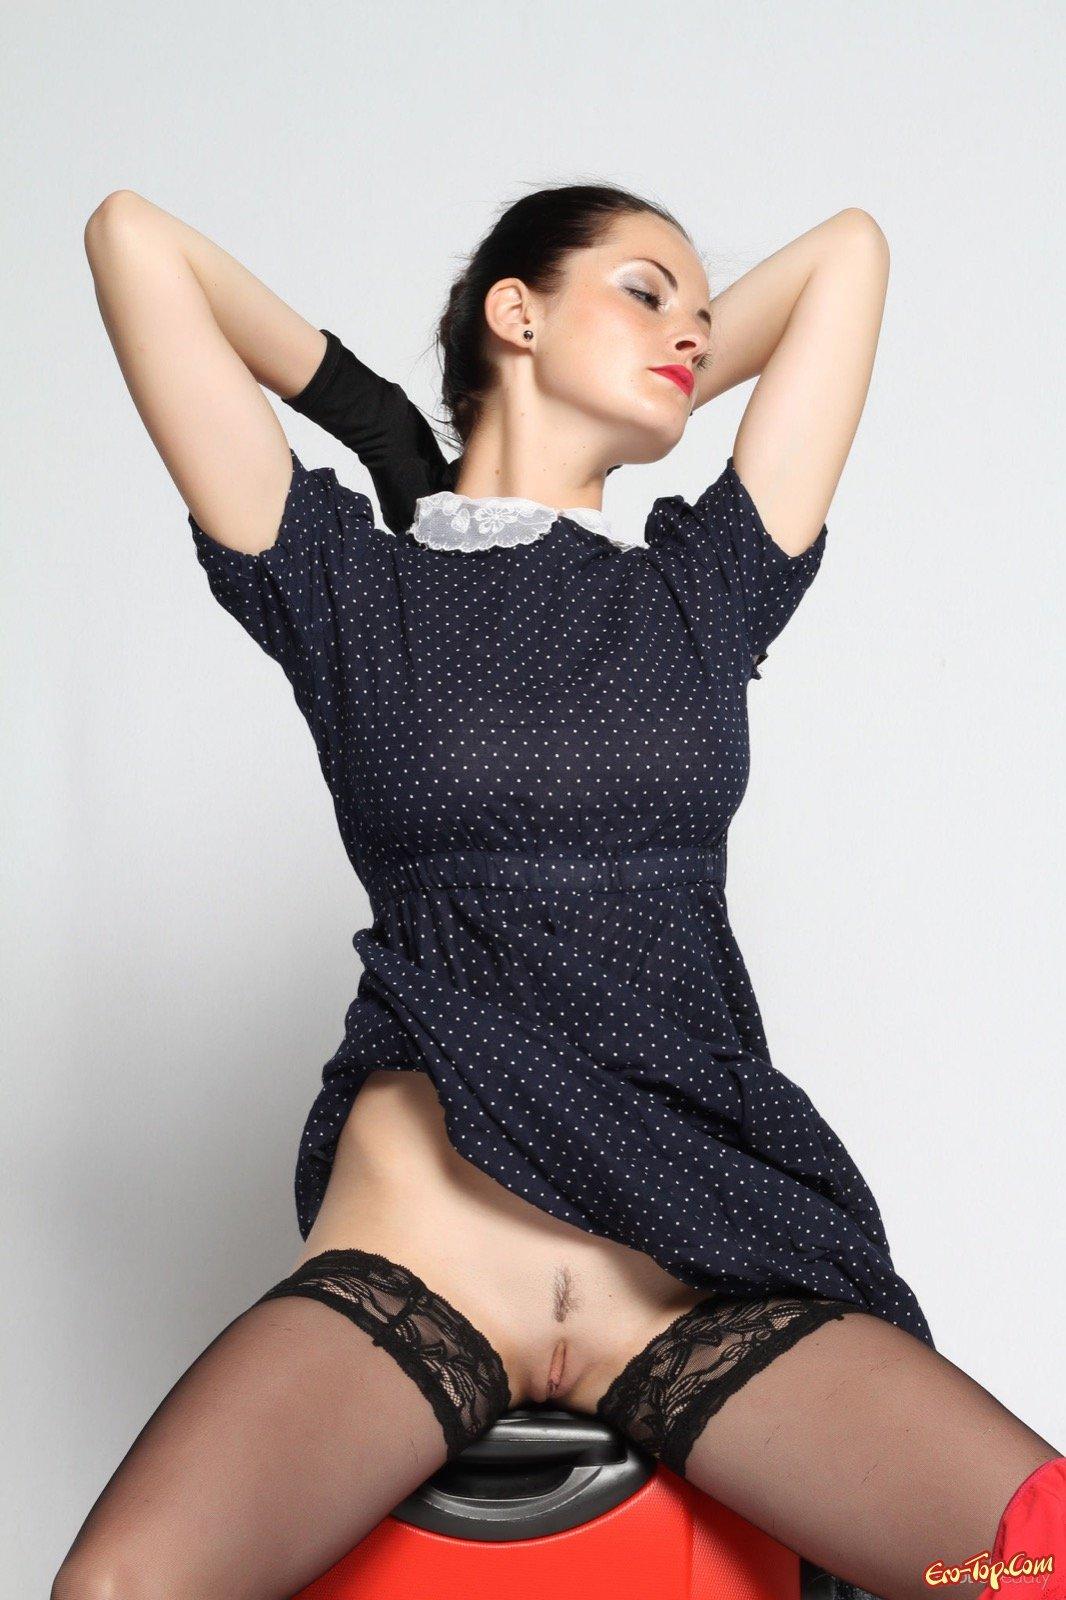 Элегантная мамаша в чулках скинула платье